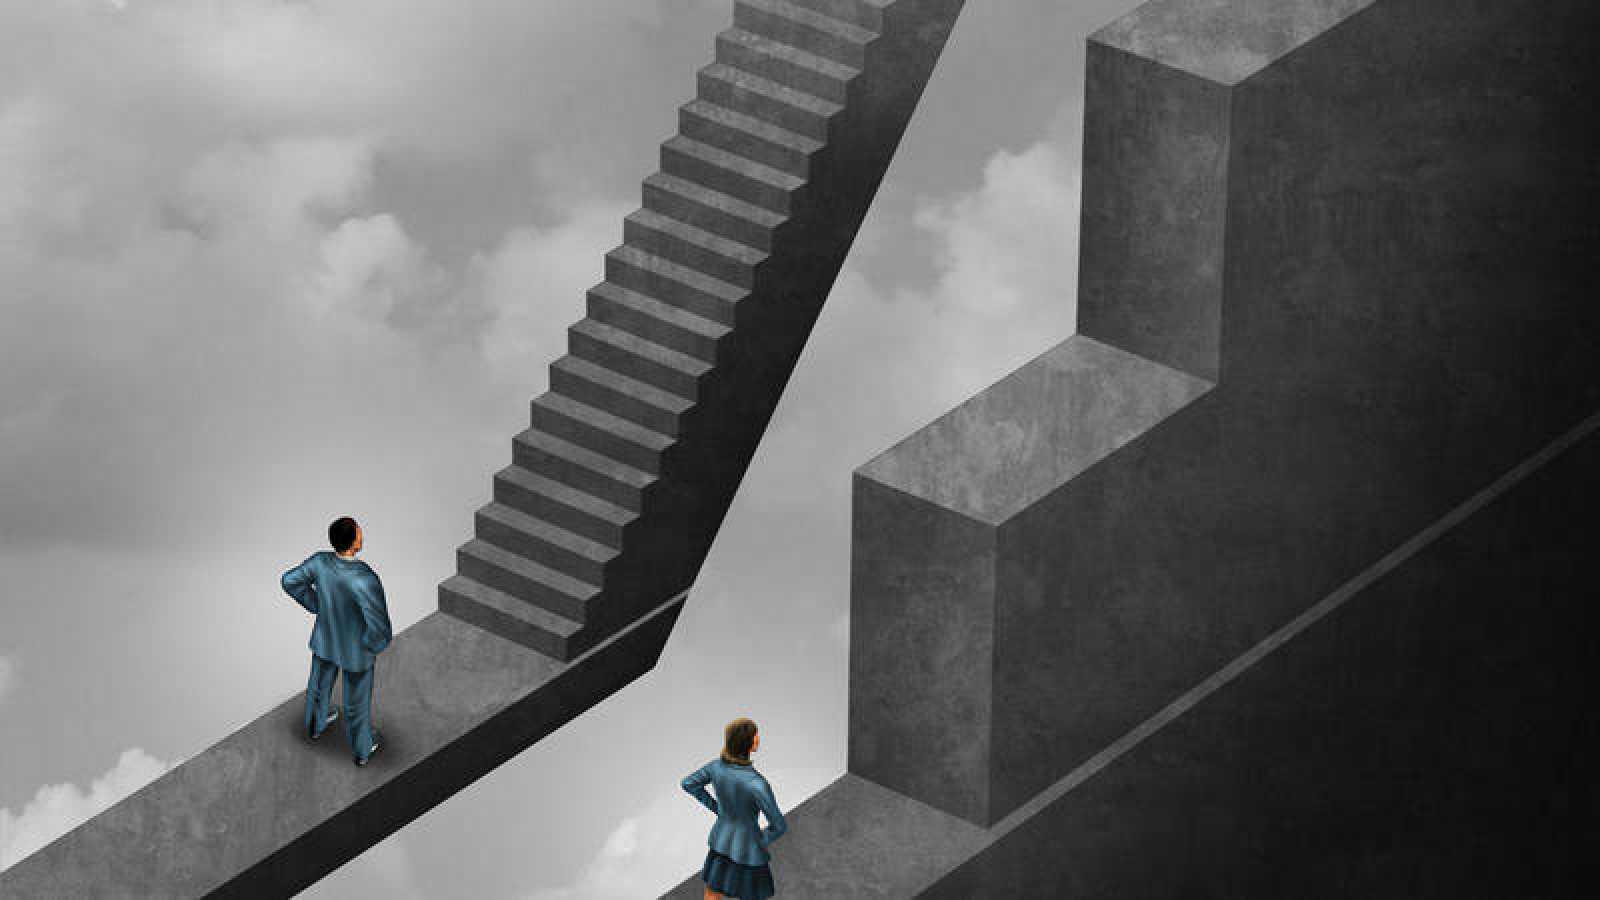 Ilustración sobre las brechas de género en el mundo laboral